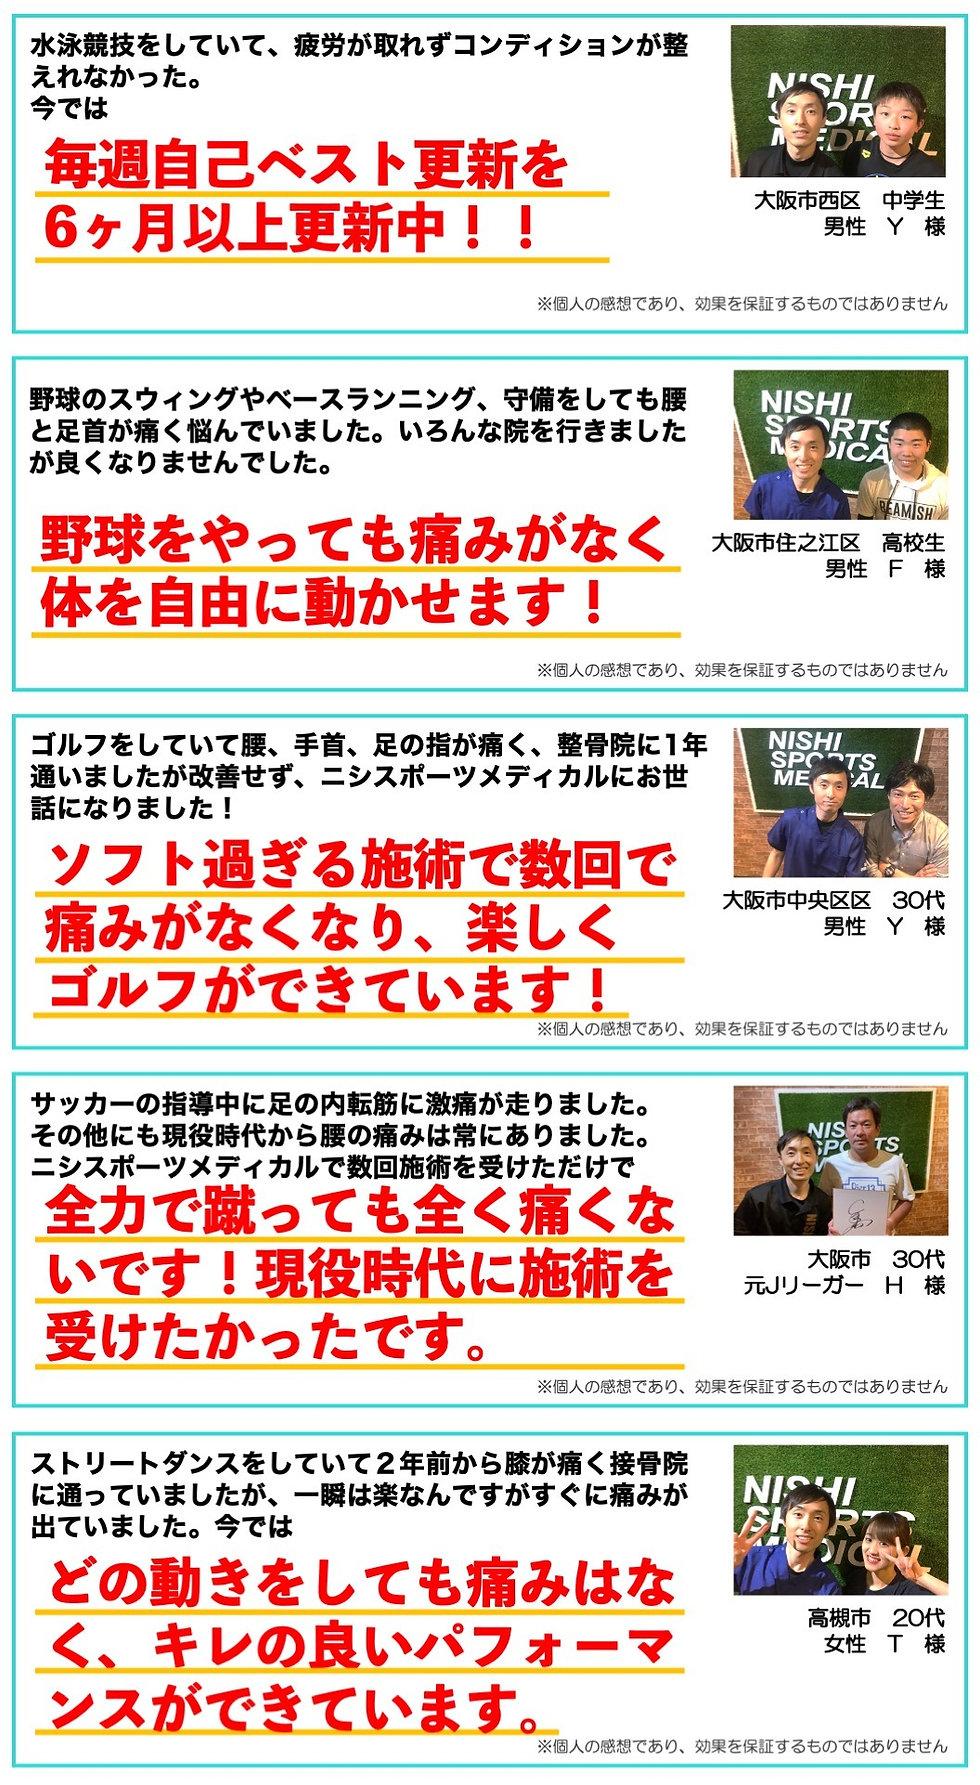 スポーツ患者さん声_edited.jpg